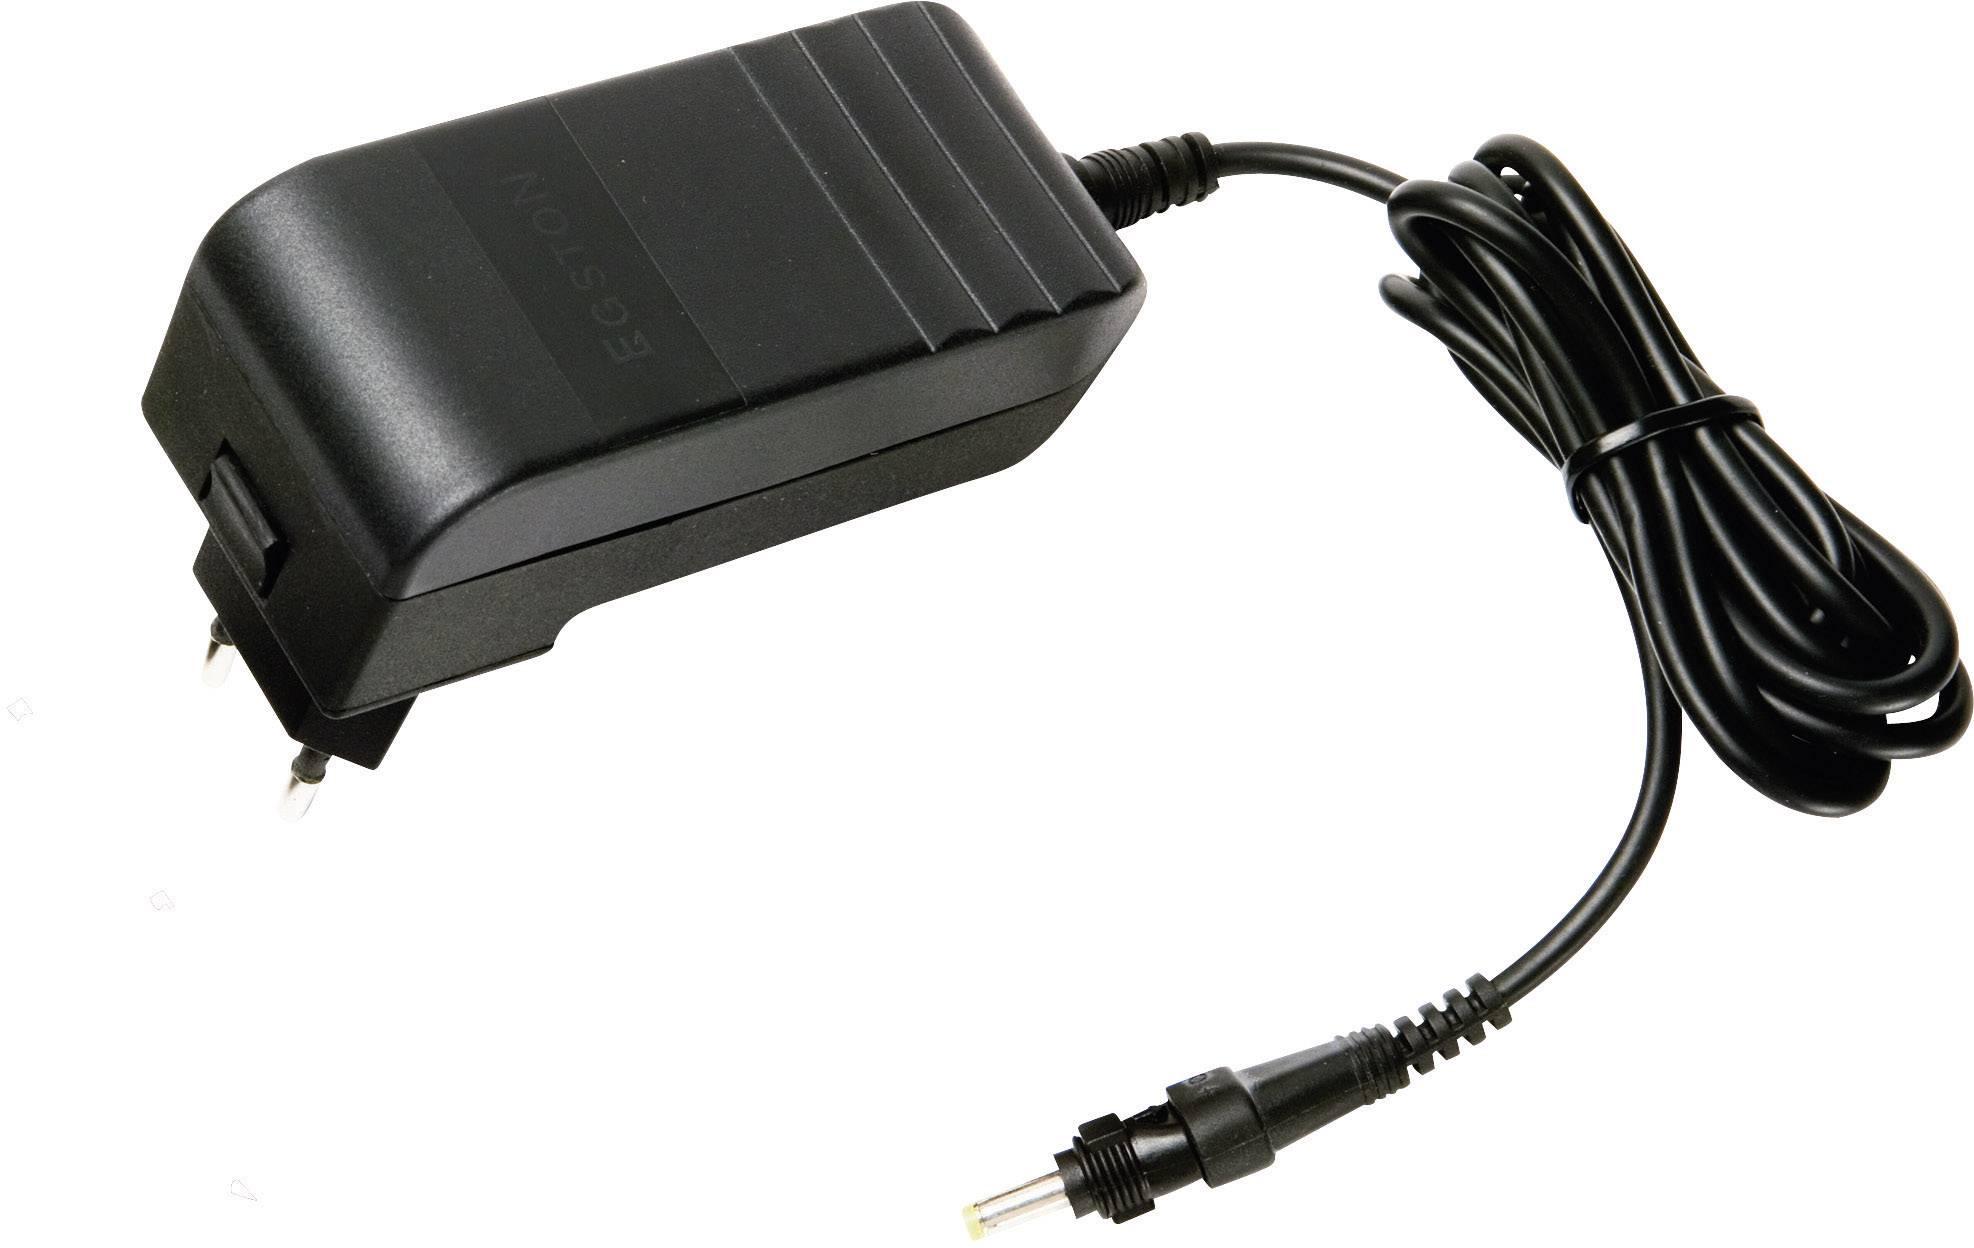 Sieťový adaptér Egston E2CFSW3, 6 V/DC, 30 W